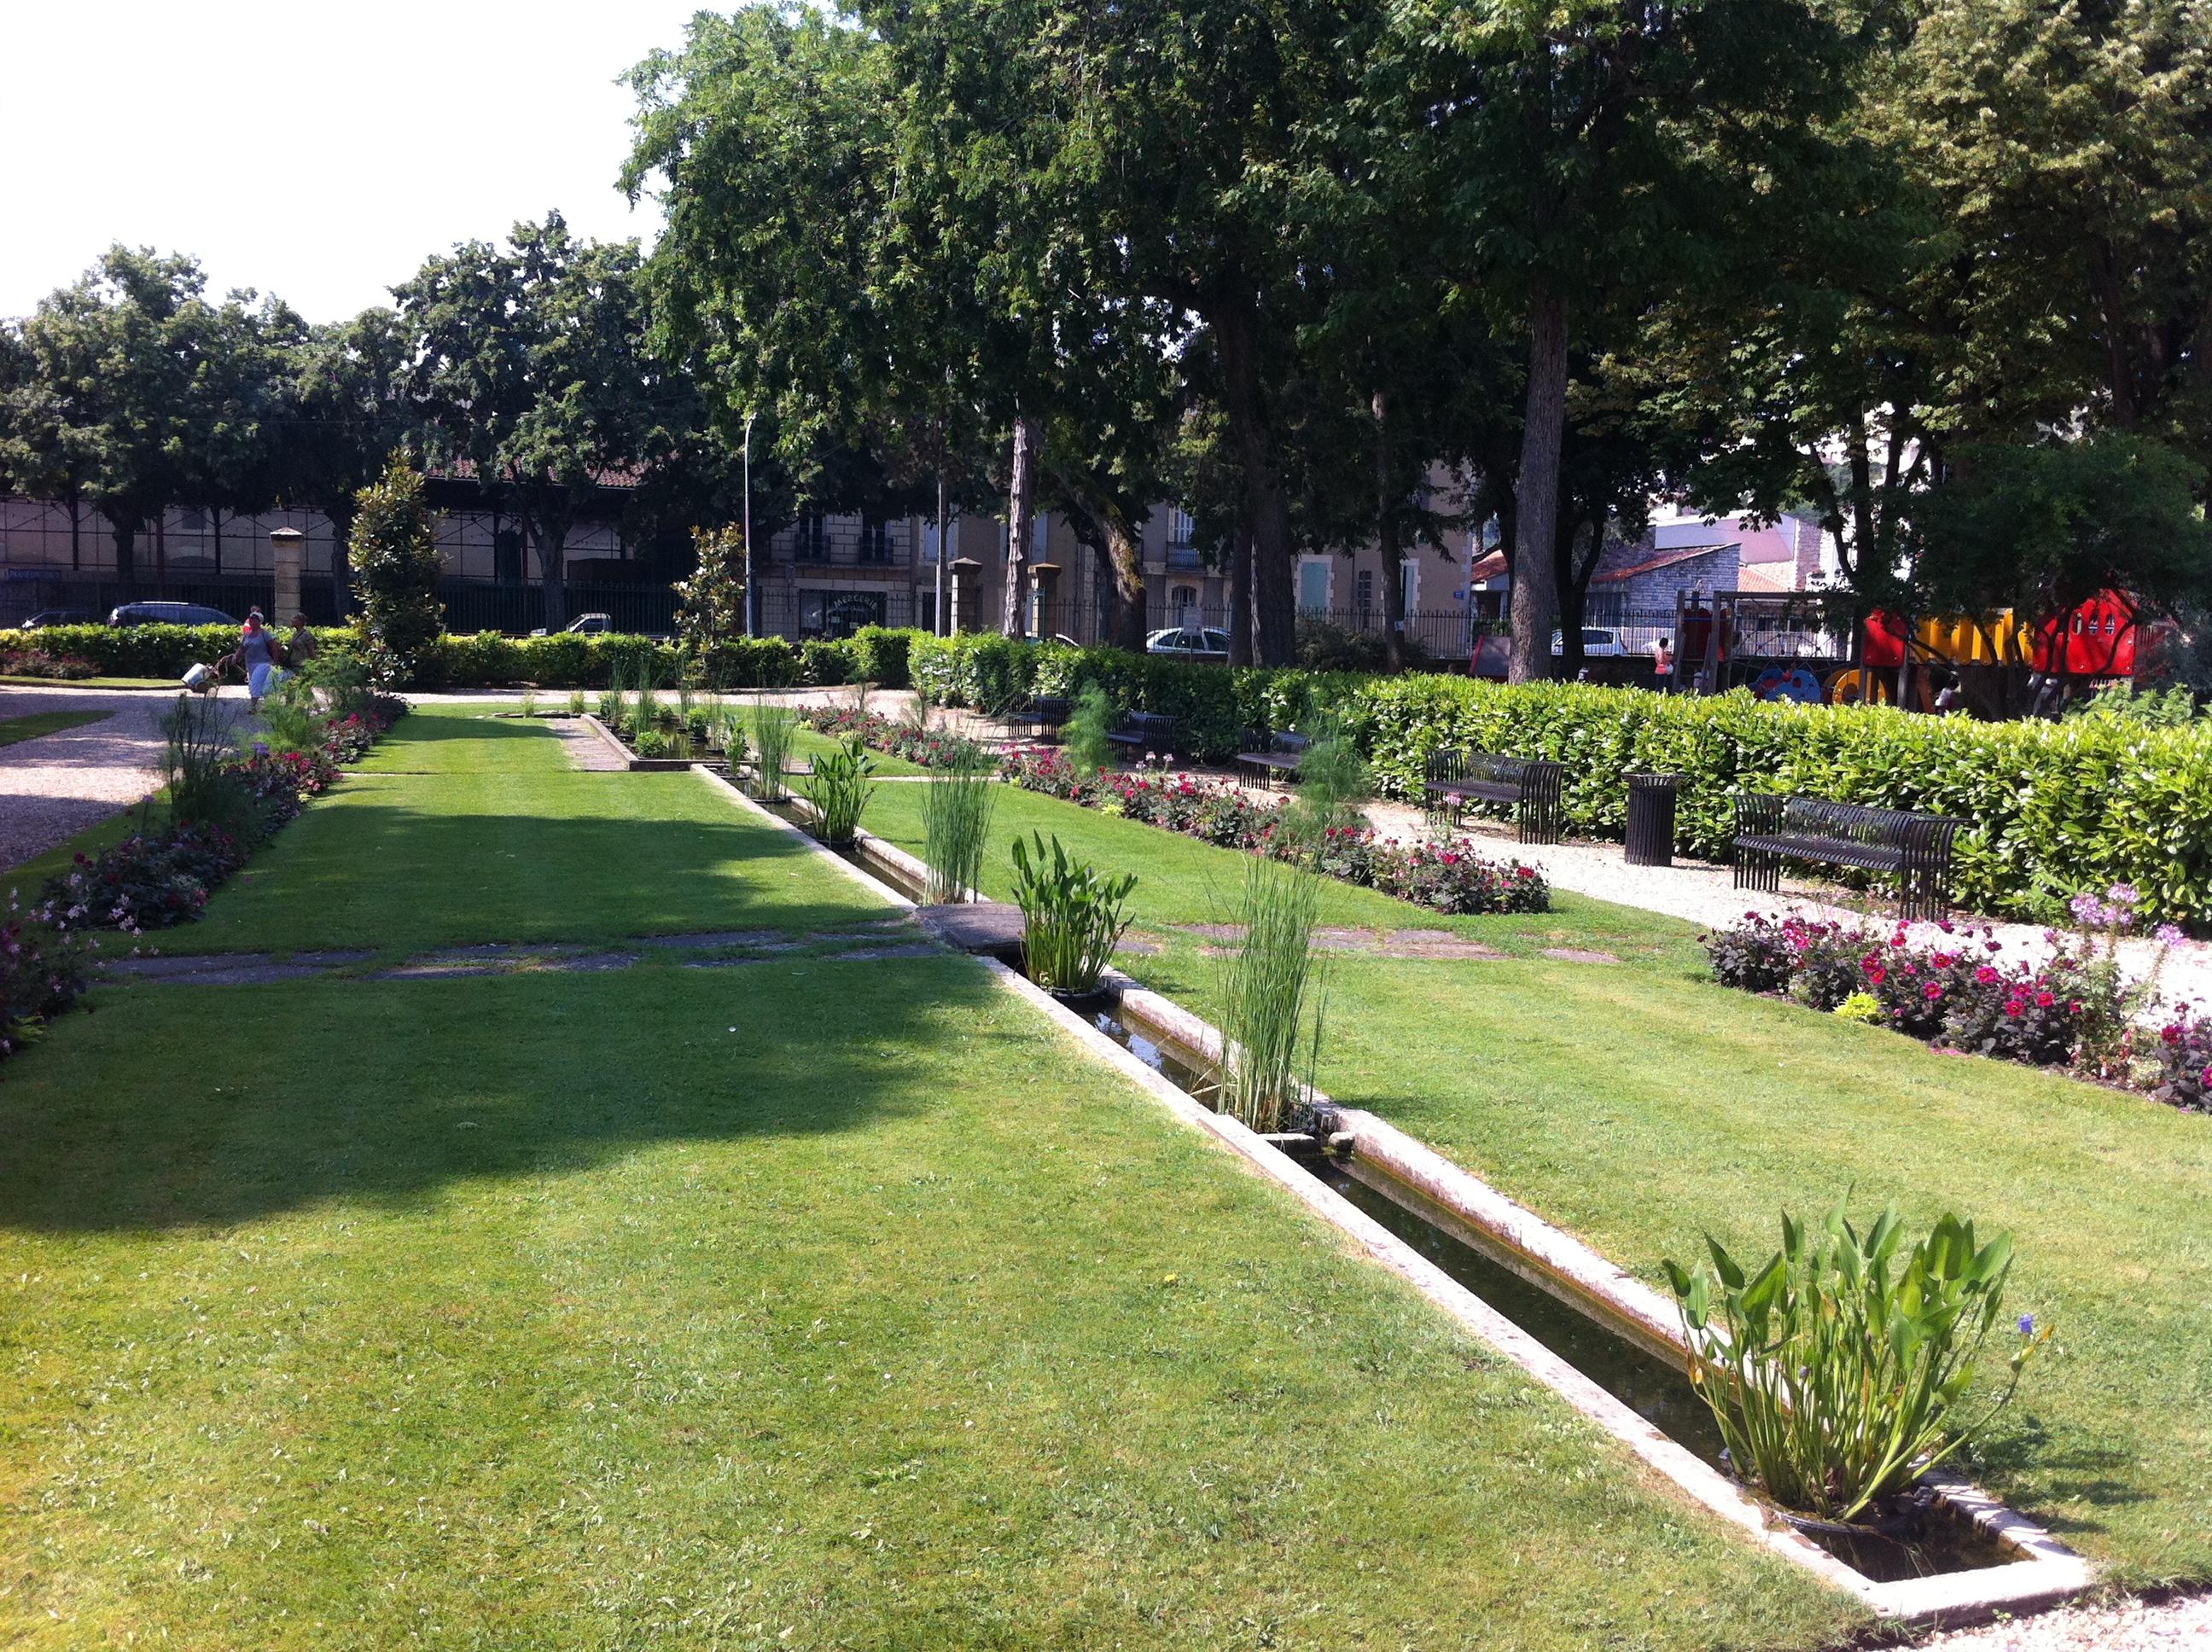 Jeux D Eau Jardin : file jeux d 39 eau du jardin ortholan jpg wikimedia commons ~ Melissatoandfro.com Idées de Décoration